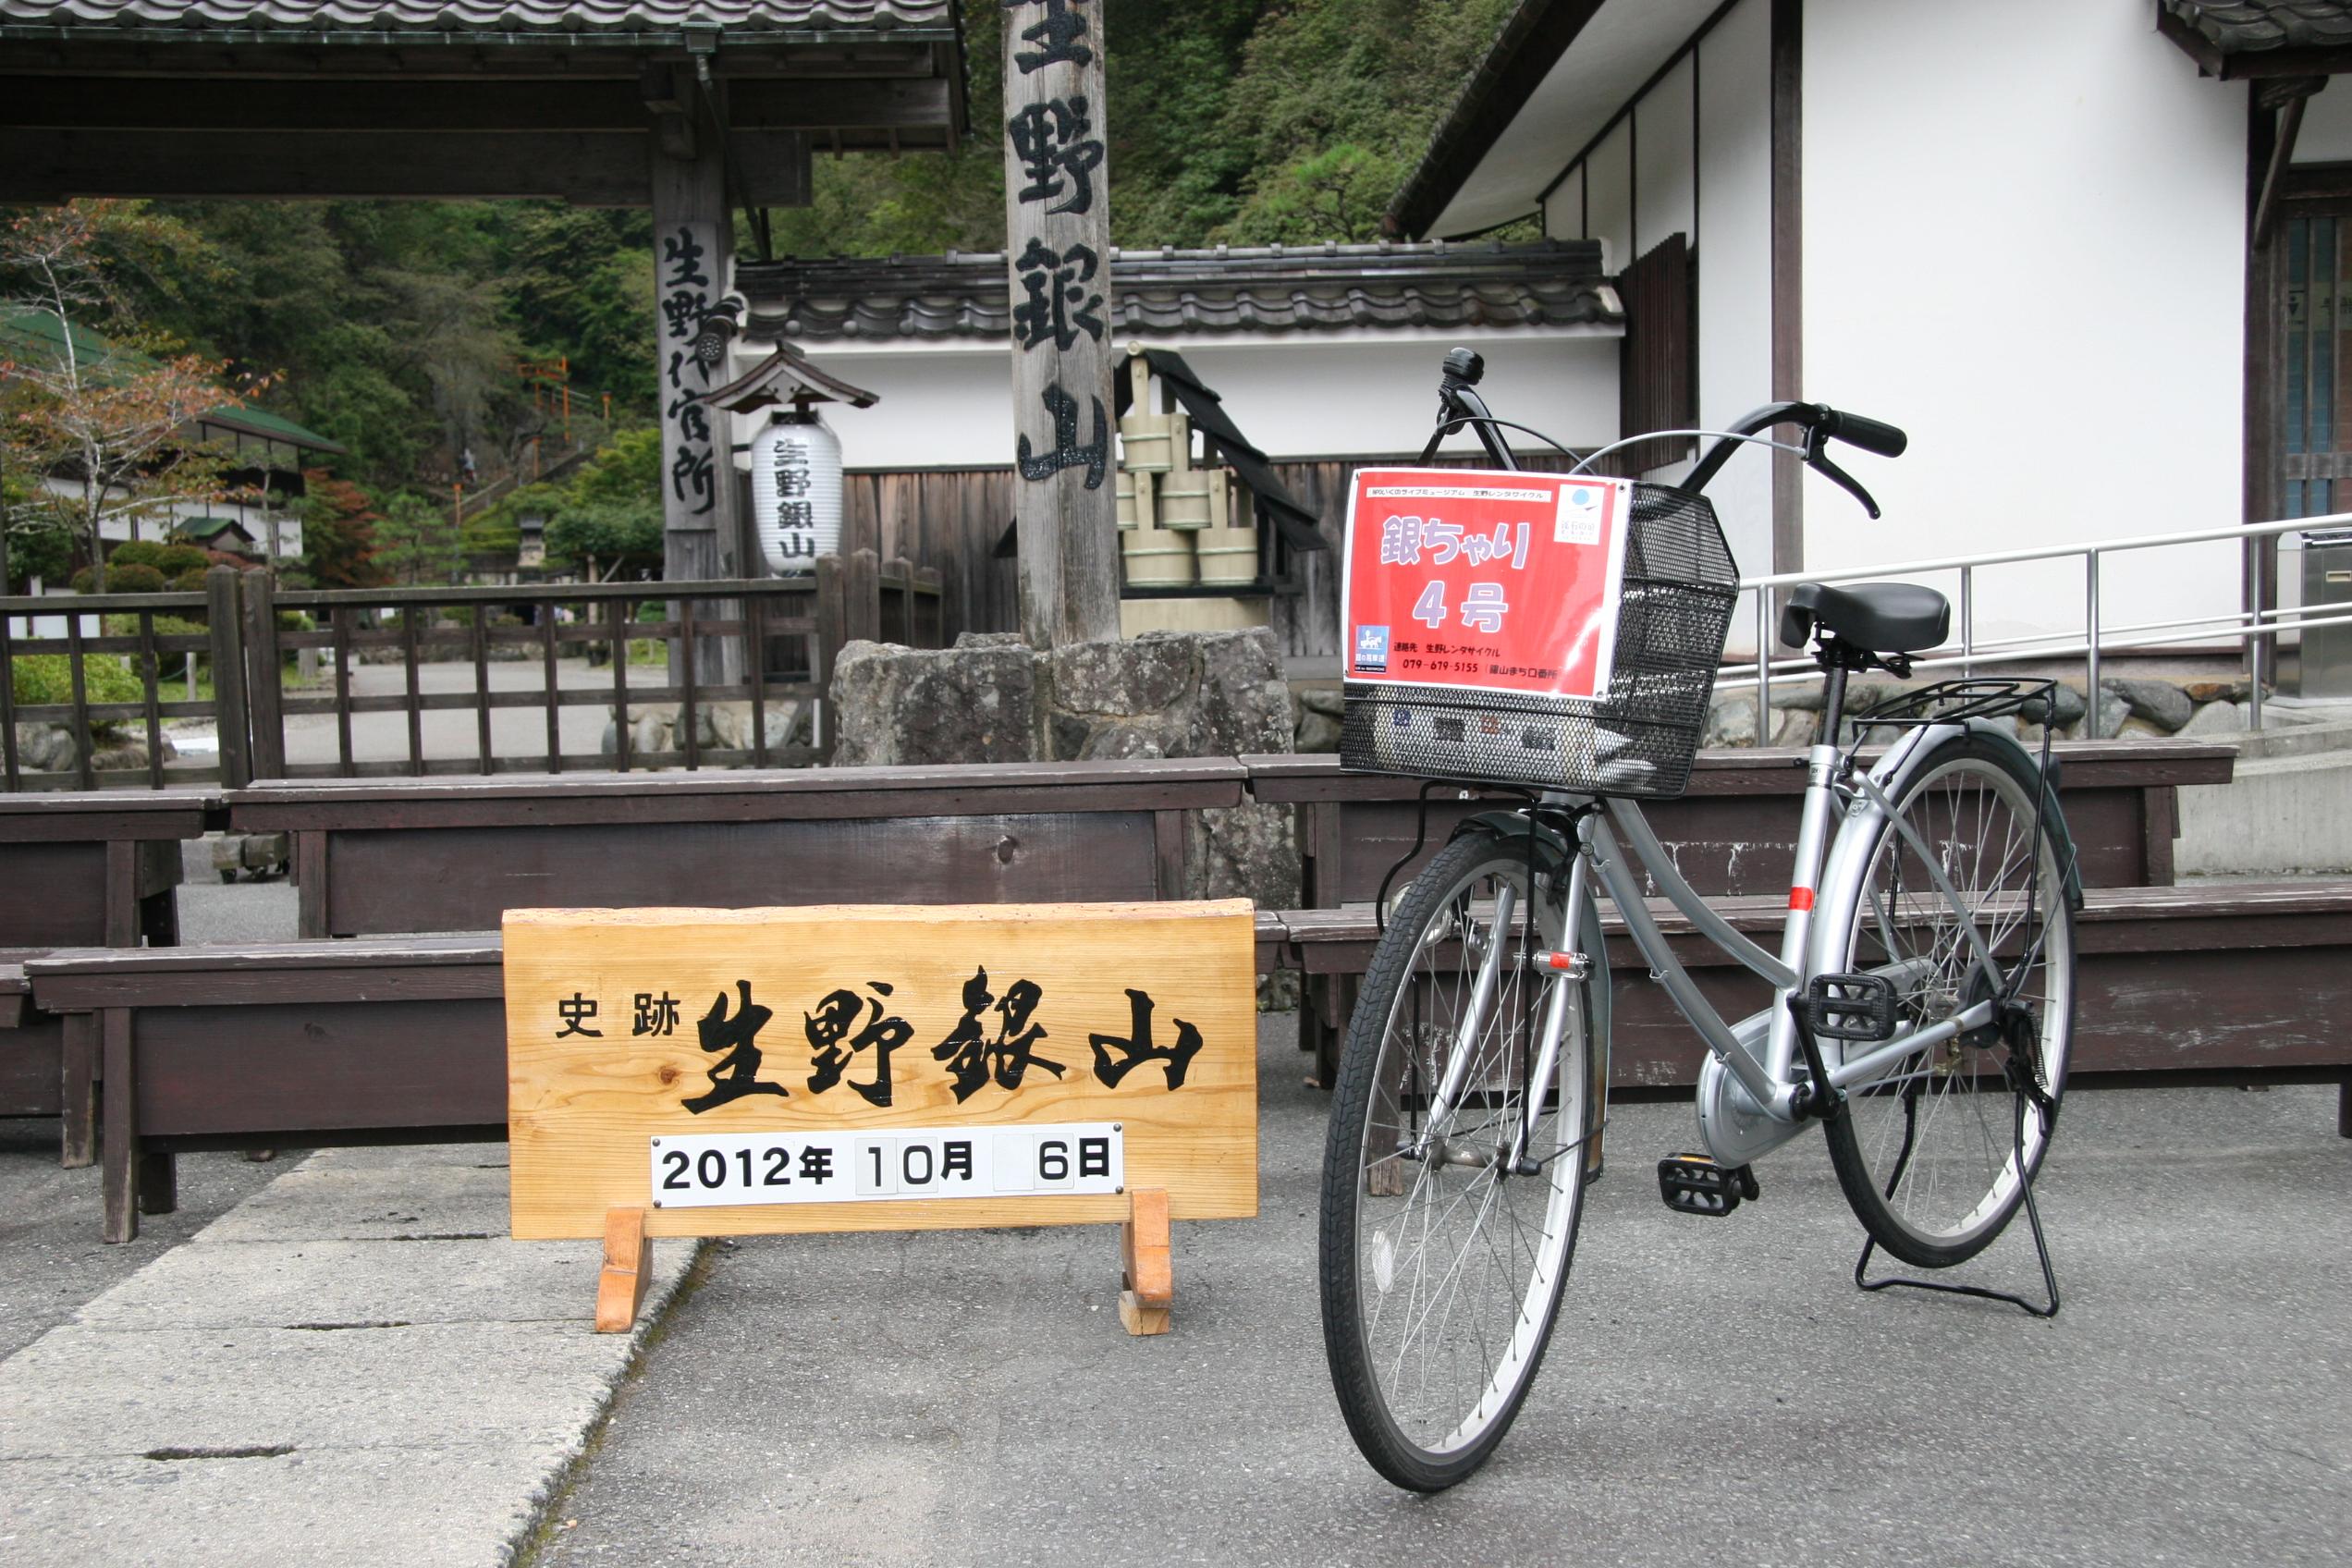 レンタサイクル「銀ちゃり」で生野銀山まで散策を!!